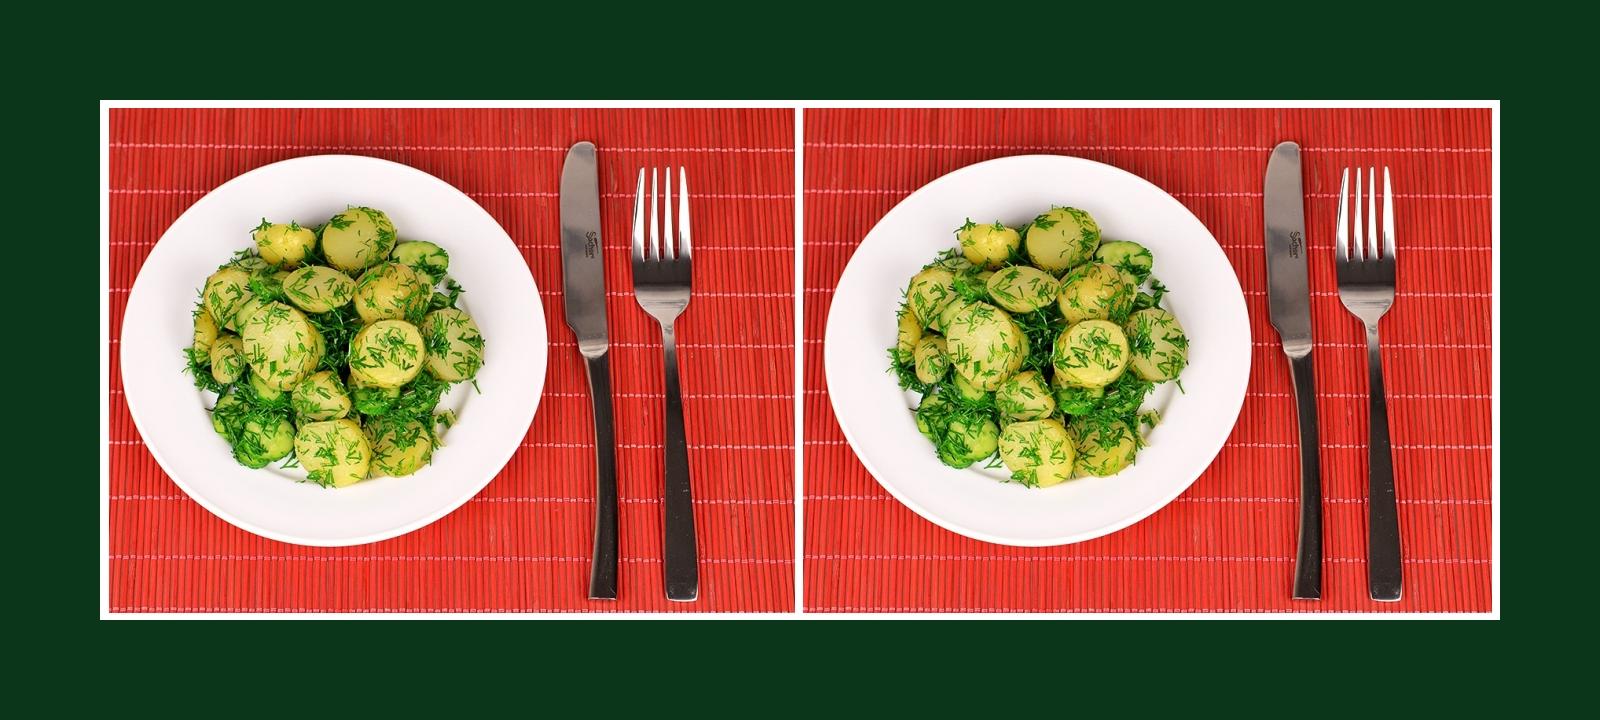 Gesunder Salat und erfrischende Beilage aus Gurken, Kräutern und Kartoffeln